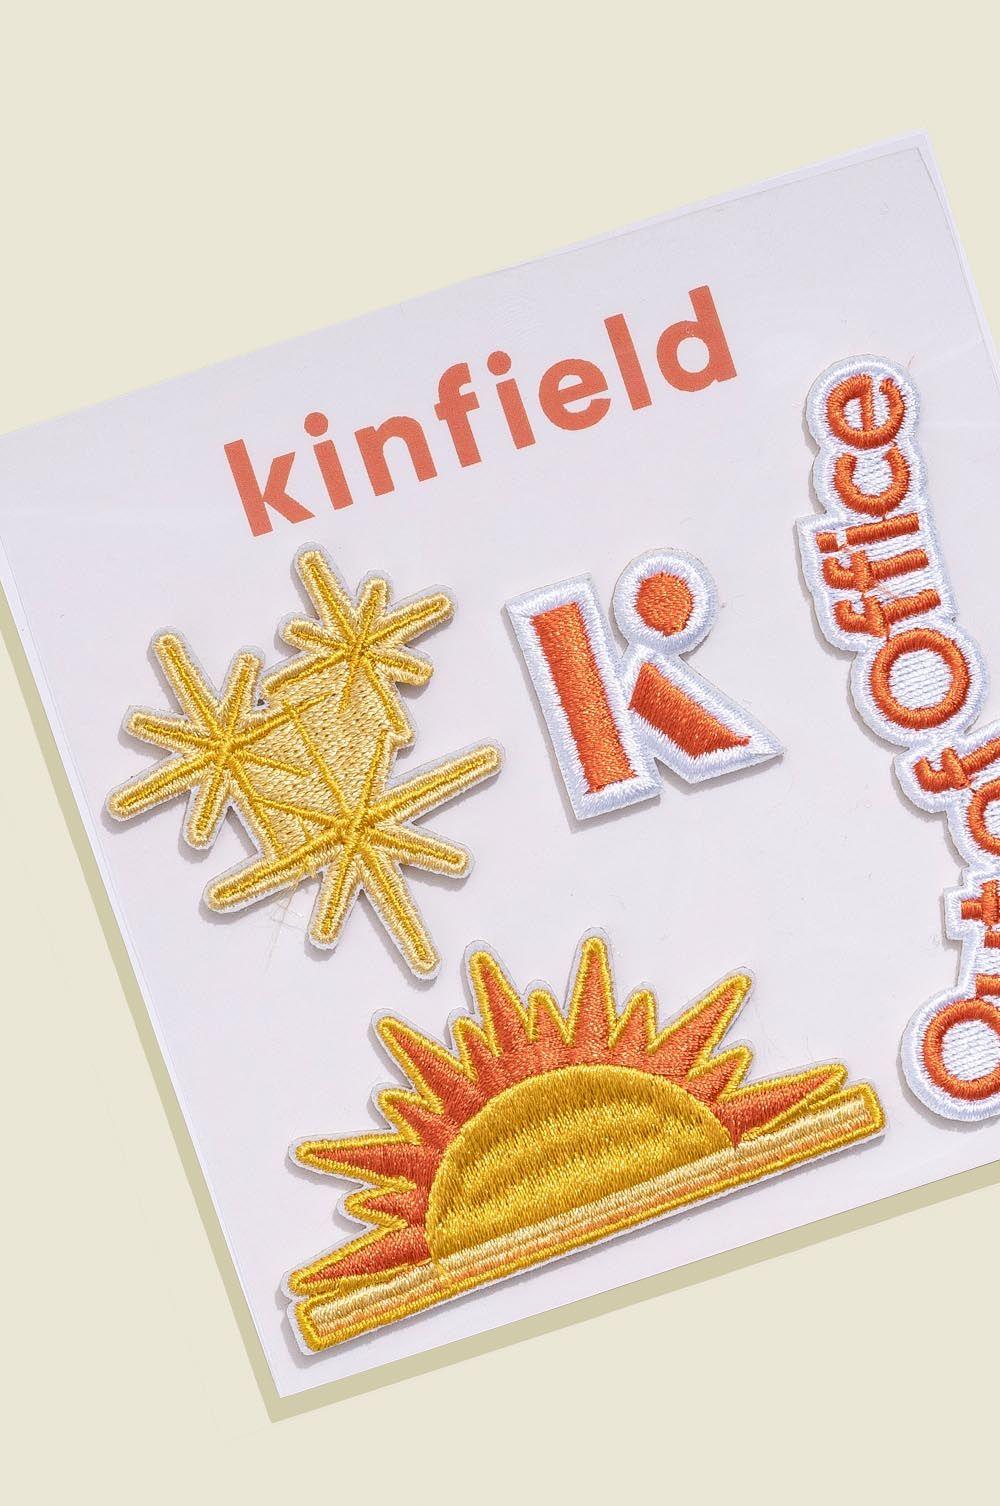 Kinfield